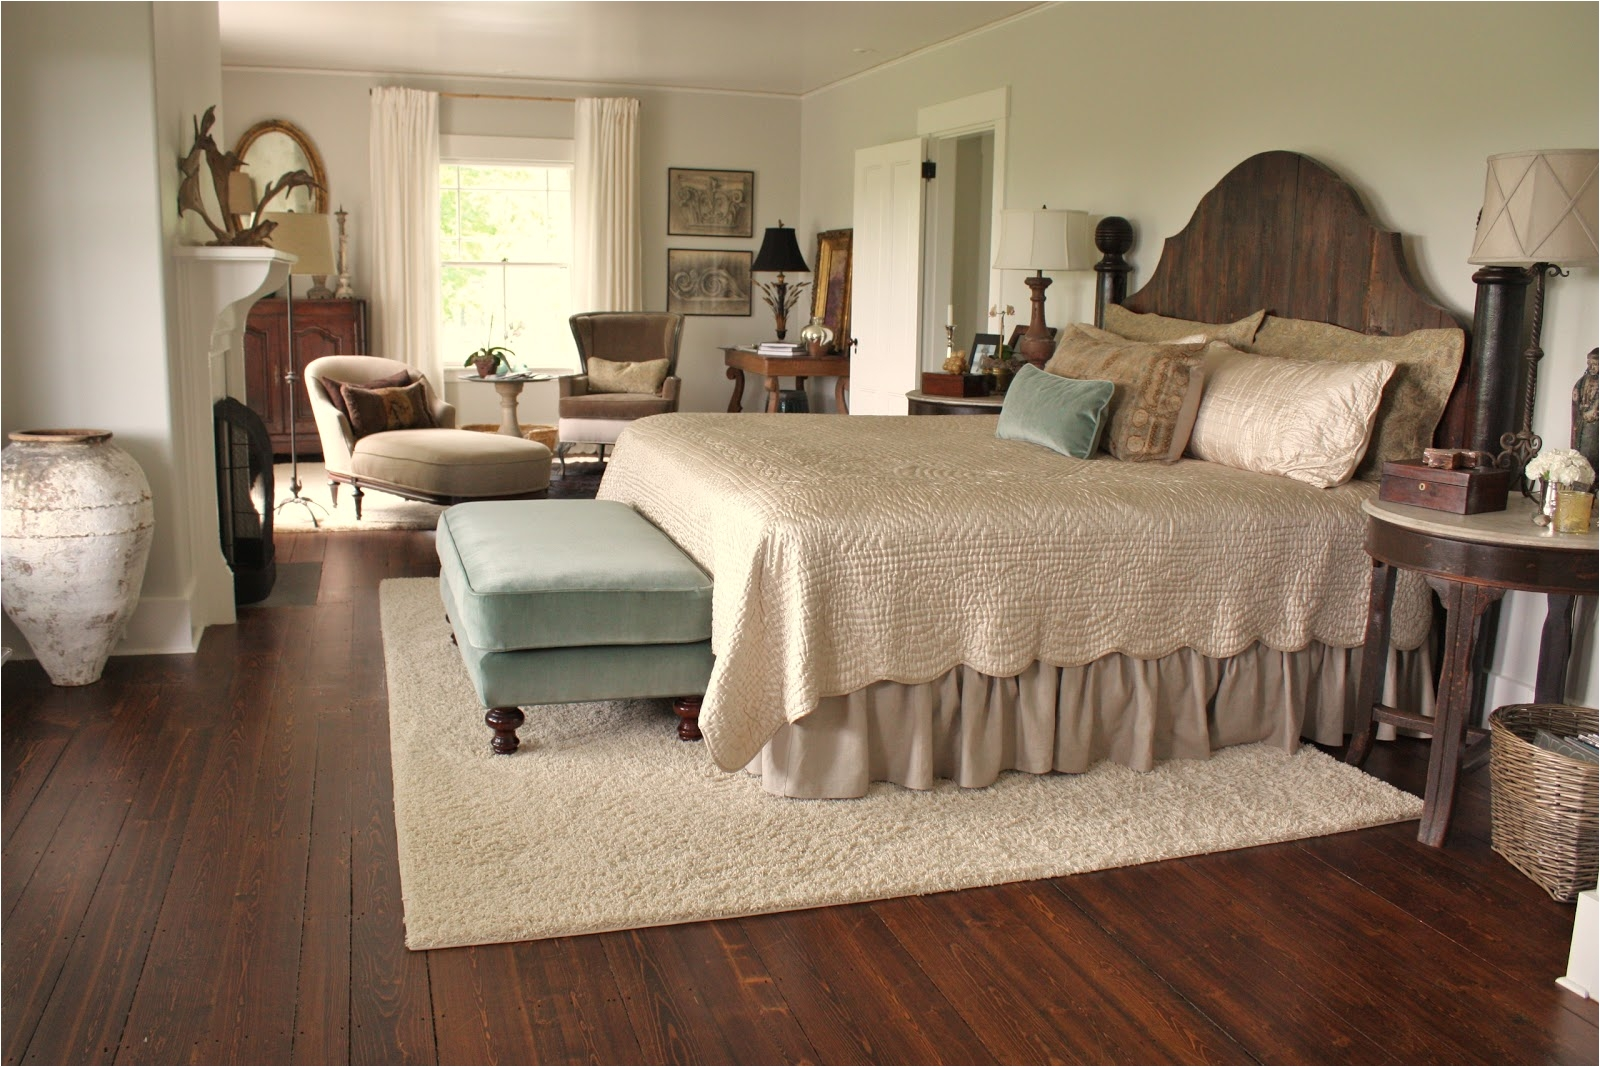 large area rug under bed designs